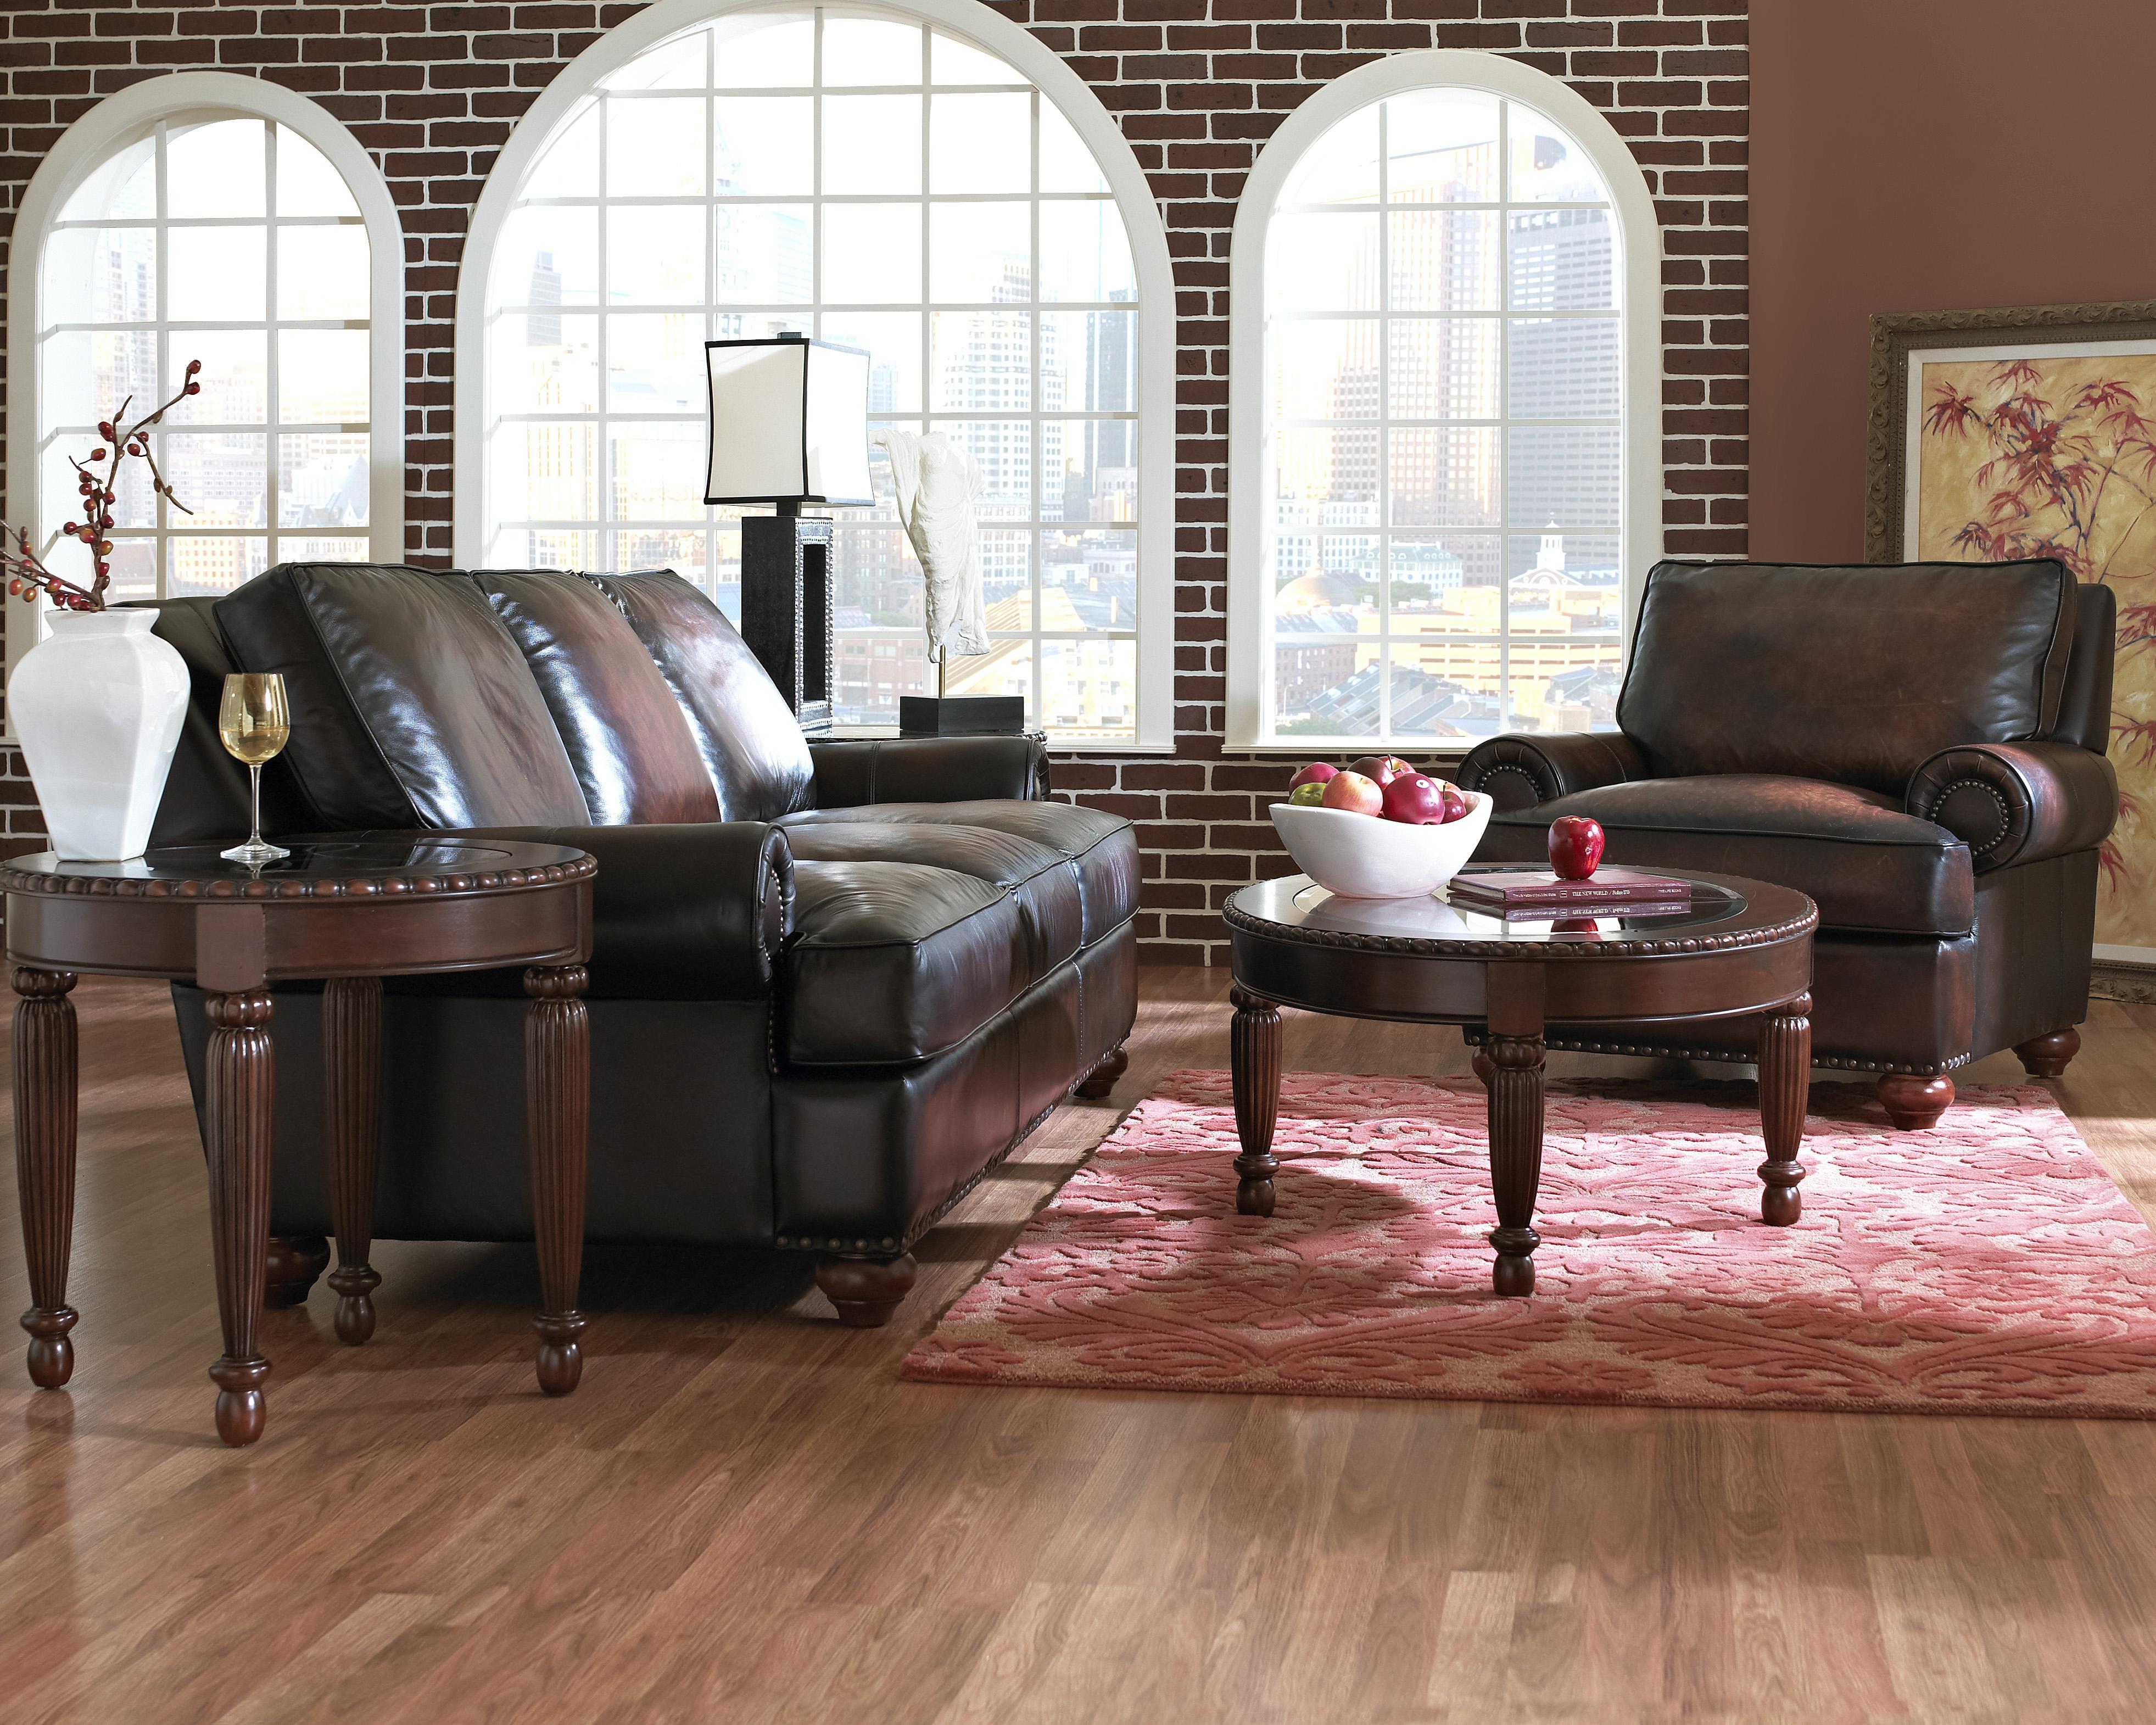 Klaussner Ellington  Stationary Living Room Group - Item Number: 22610 Living Room Group 1